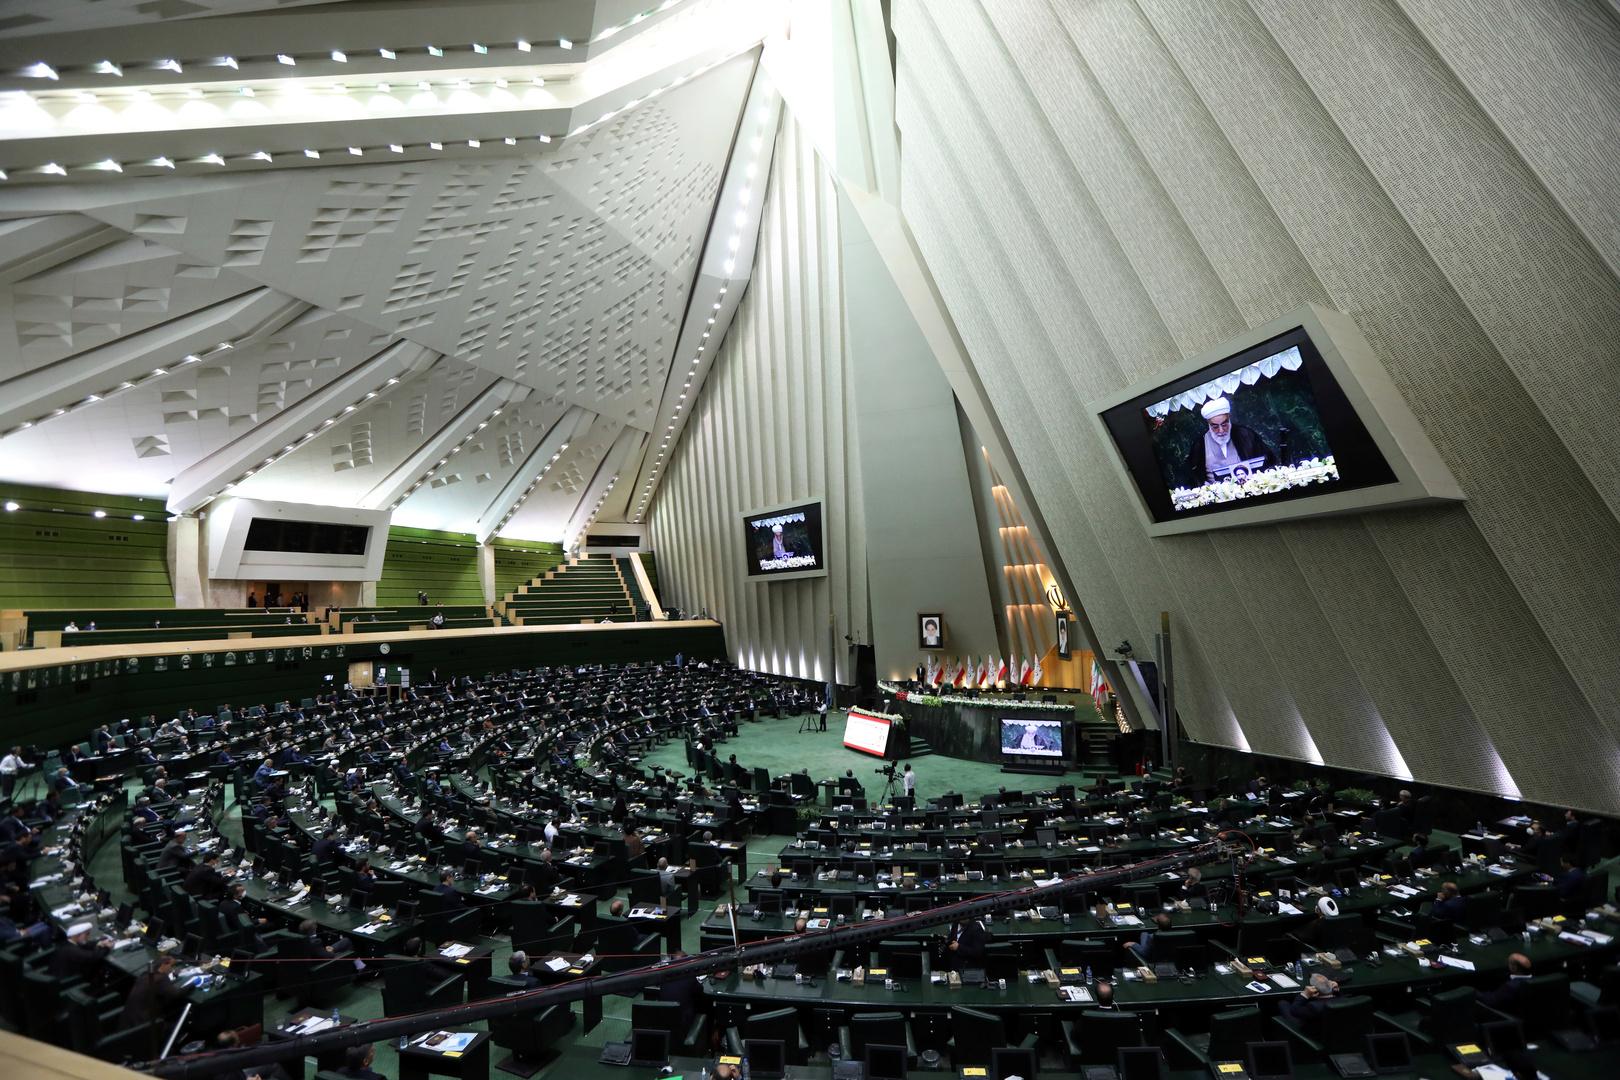 اجتماع مغلق للبرلمان الإيراني لبحث محادثات فيينا و